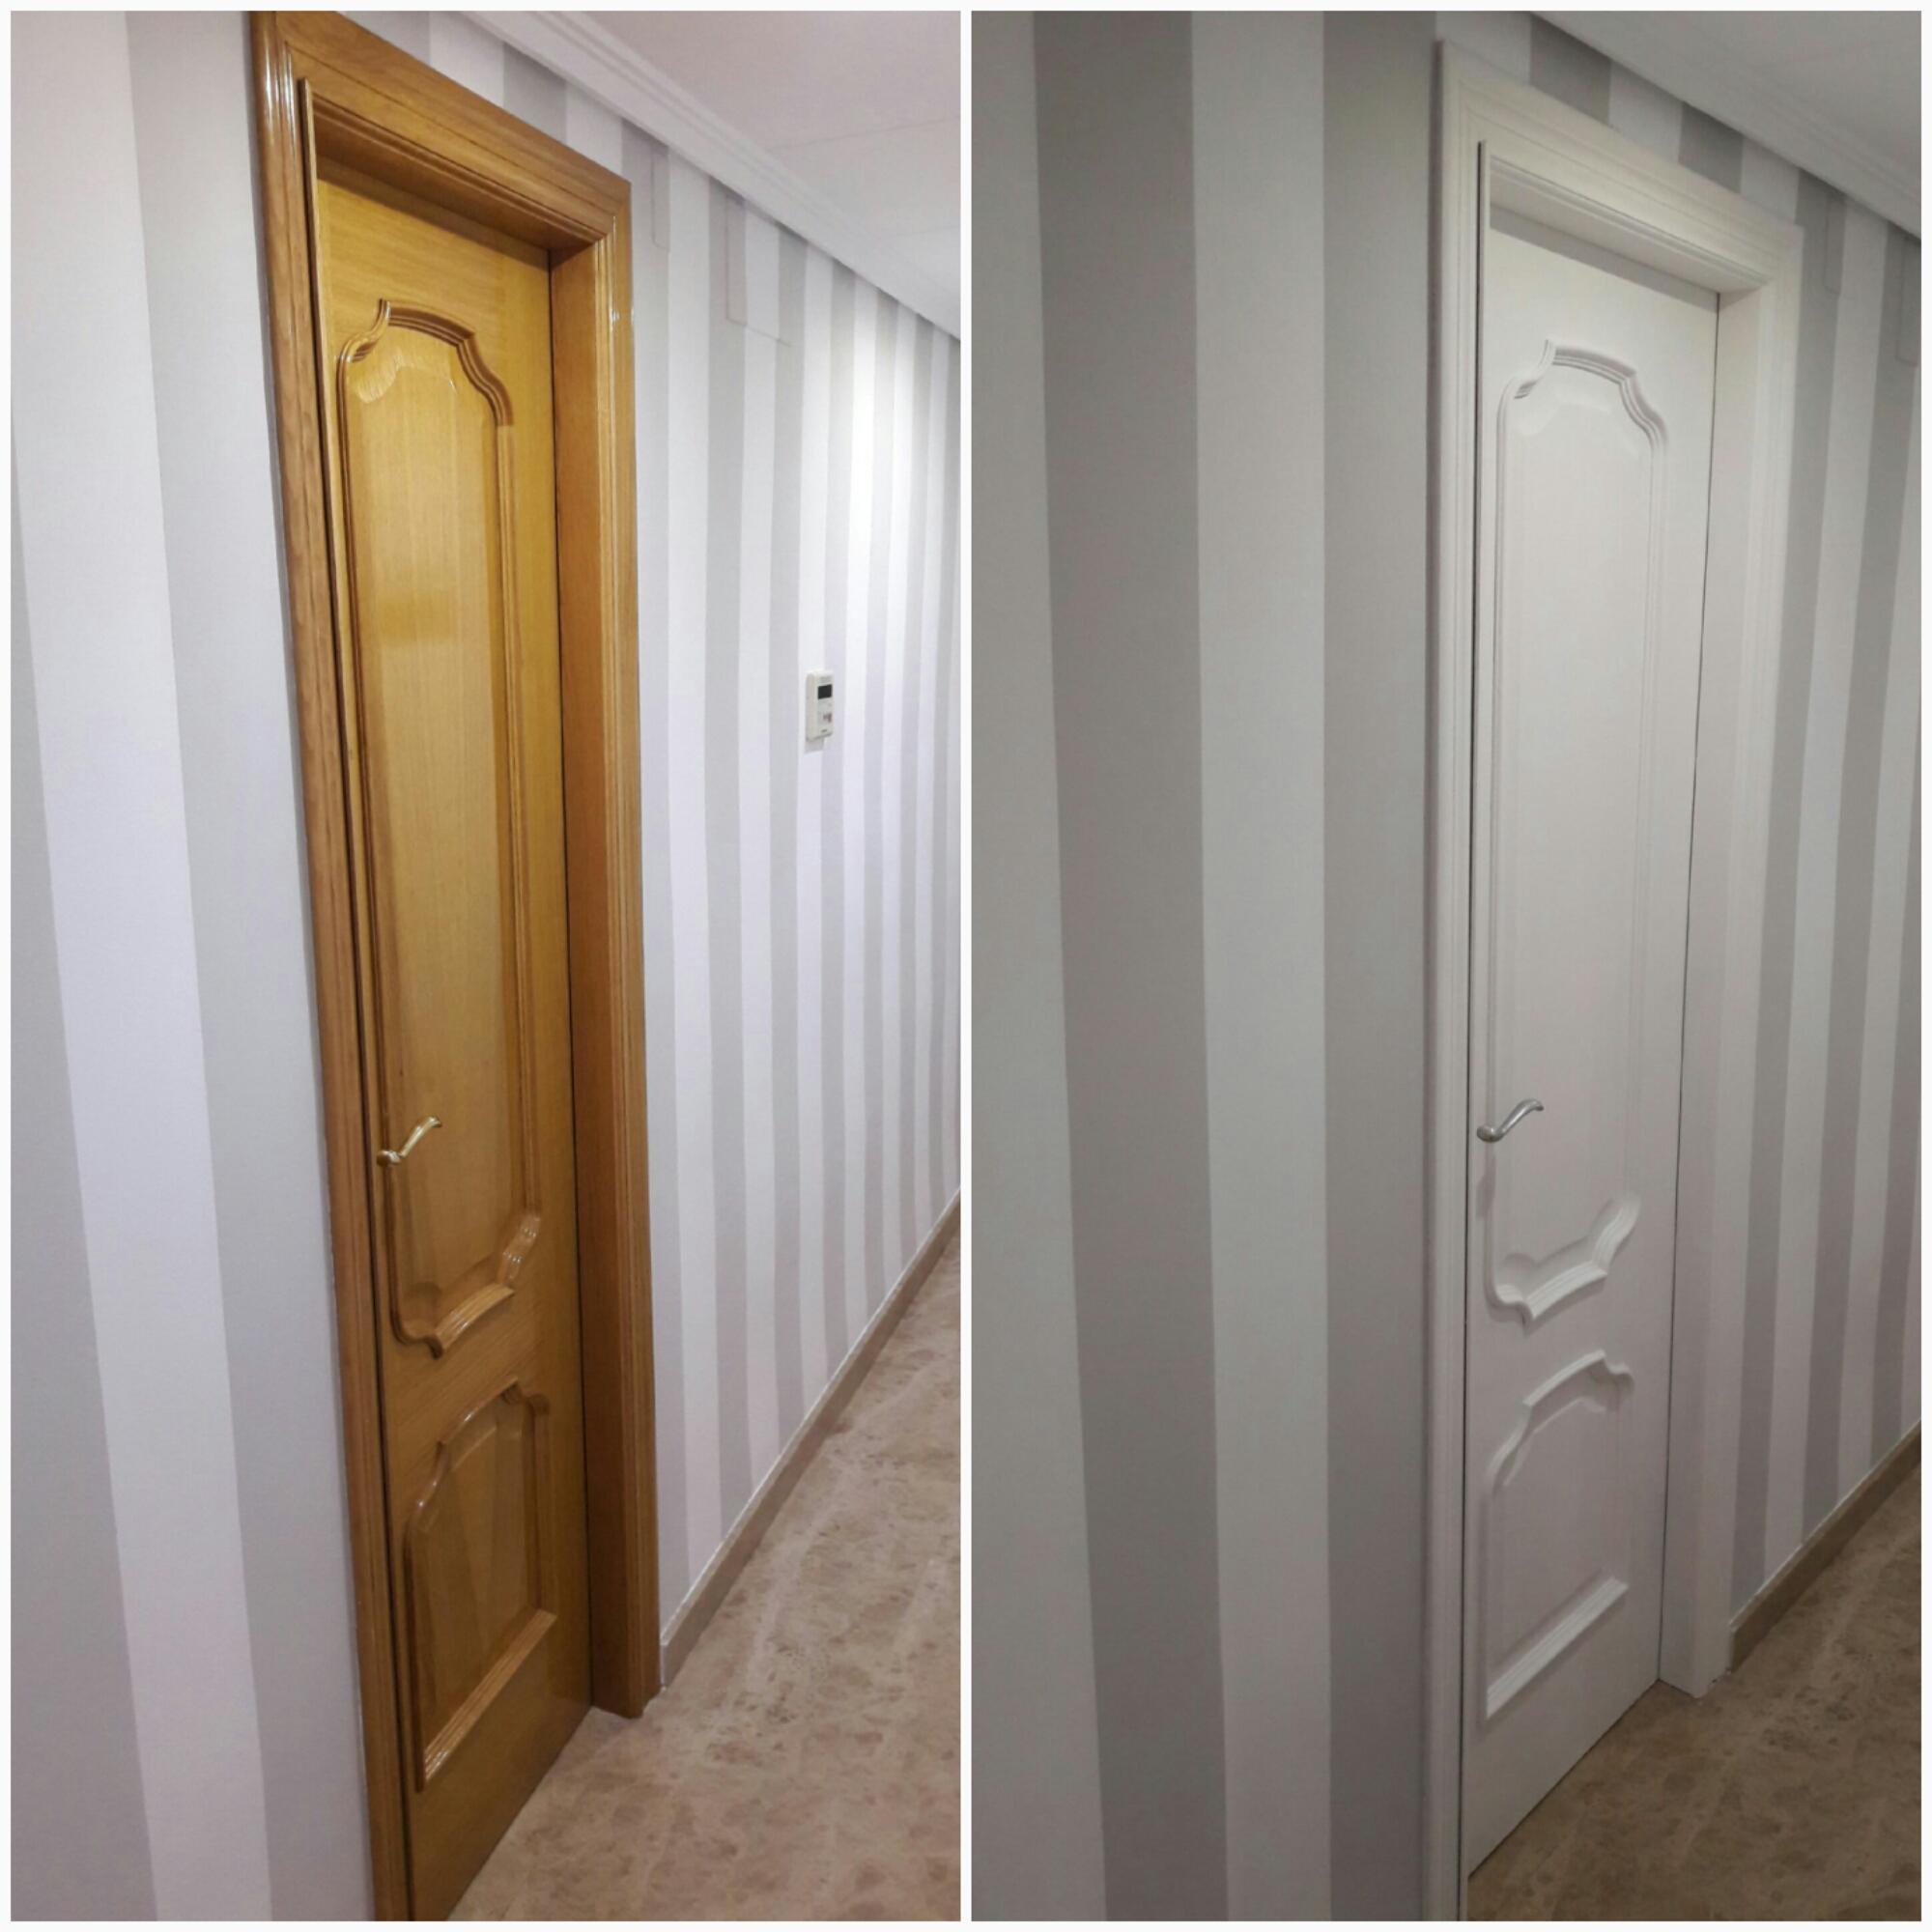 Puertas blancas el mirador de laura for Puertas semi macizas blancas